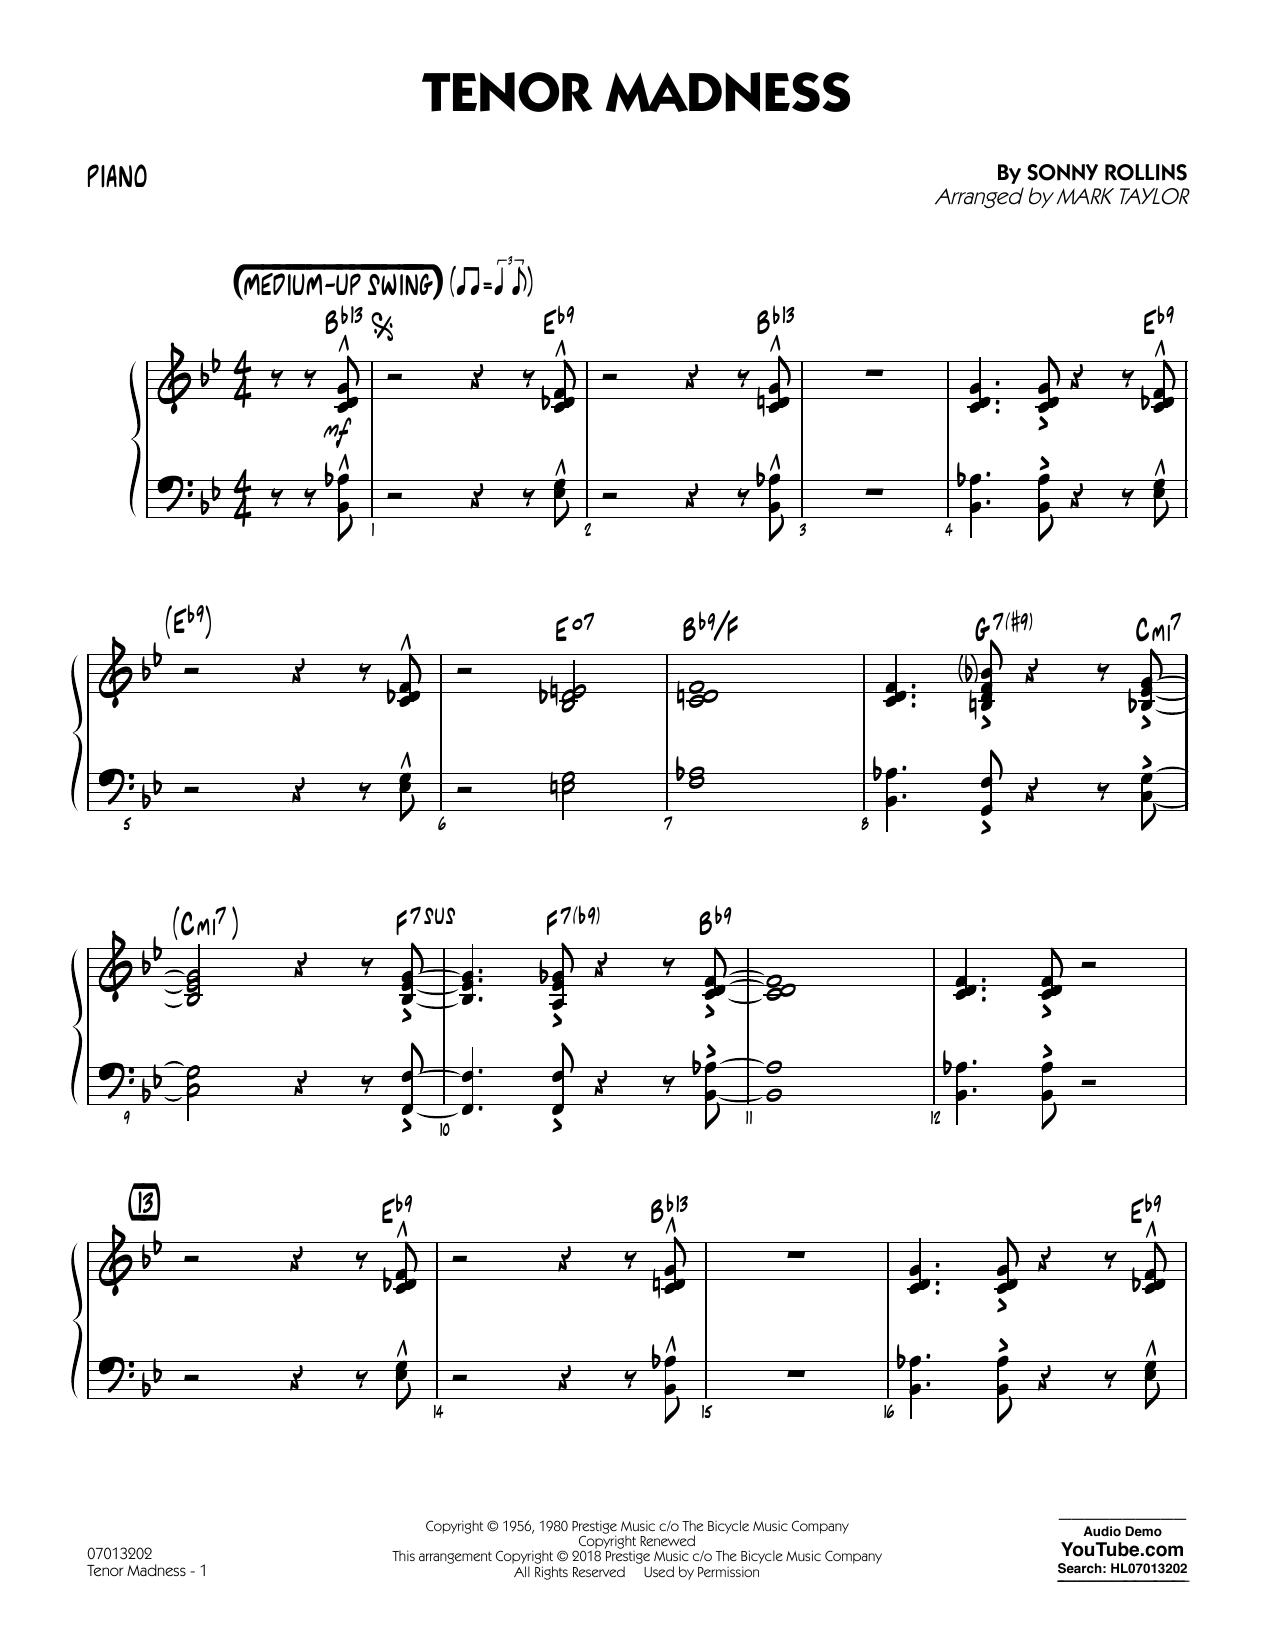 Tenor Madness (arr. Mark Taylor) - Piano (Jazz Ensemble)